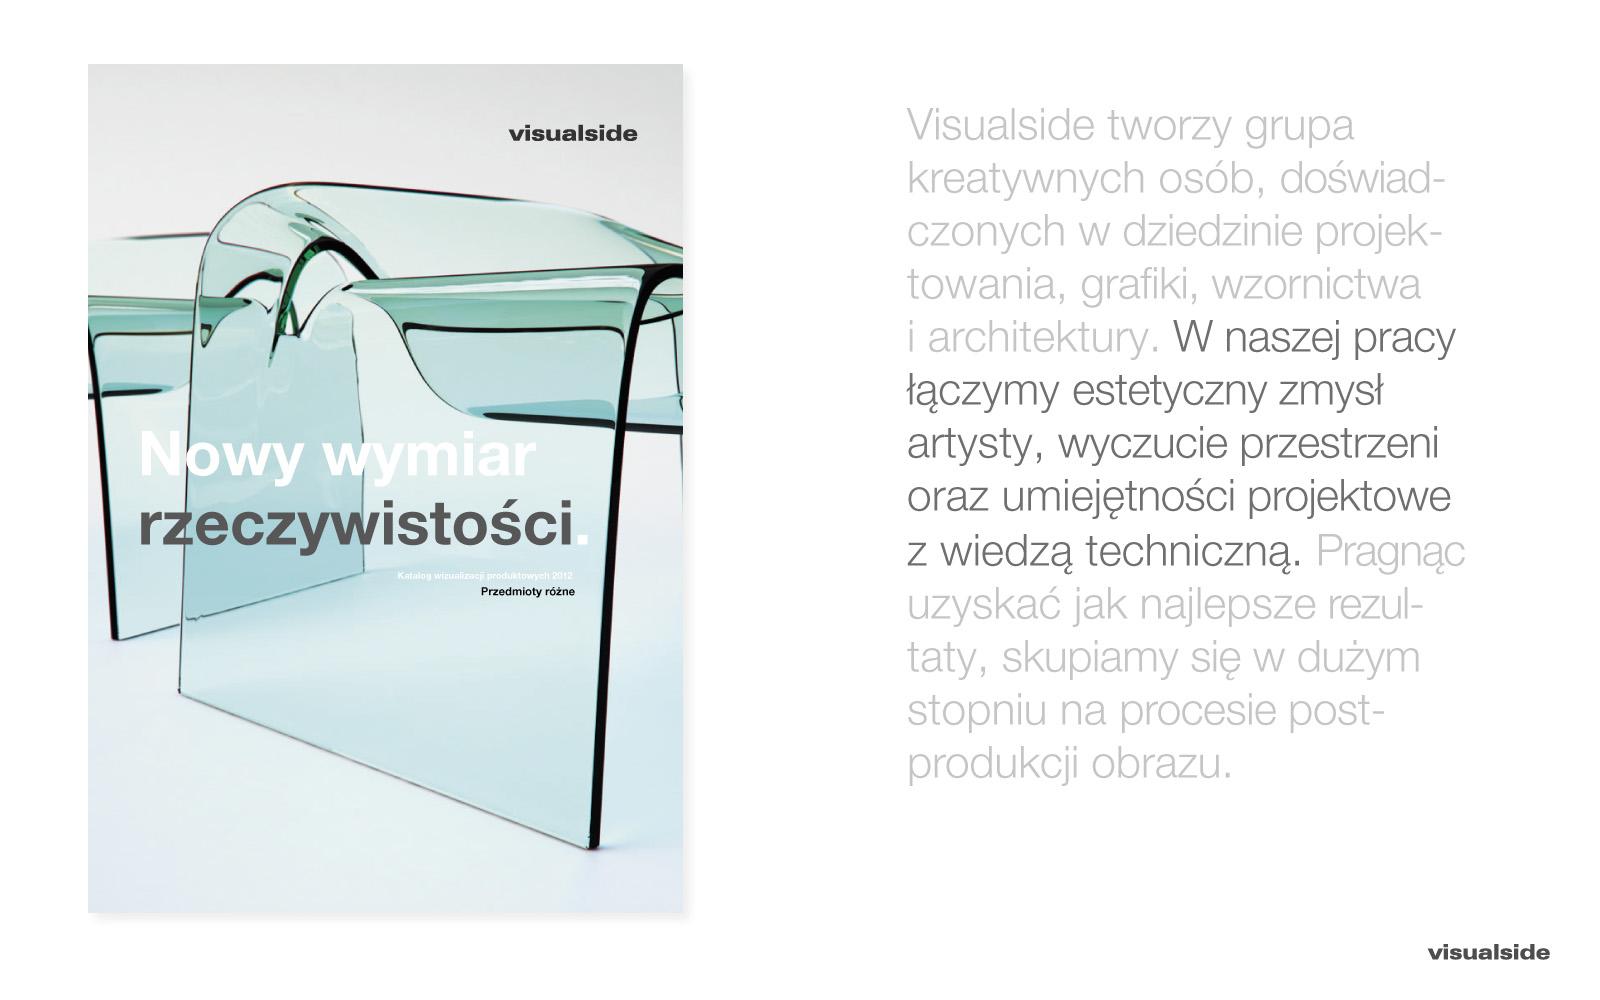 Visualside